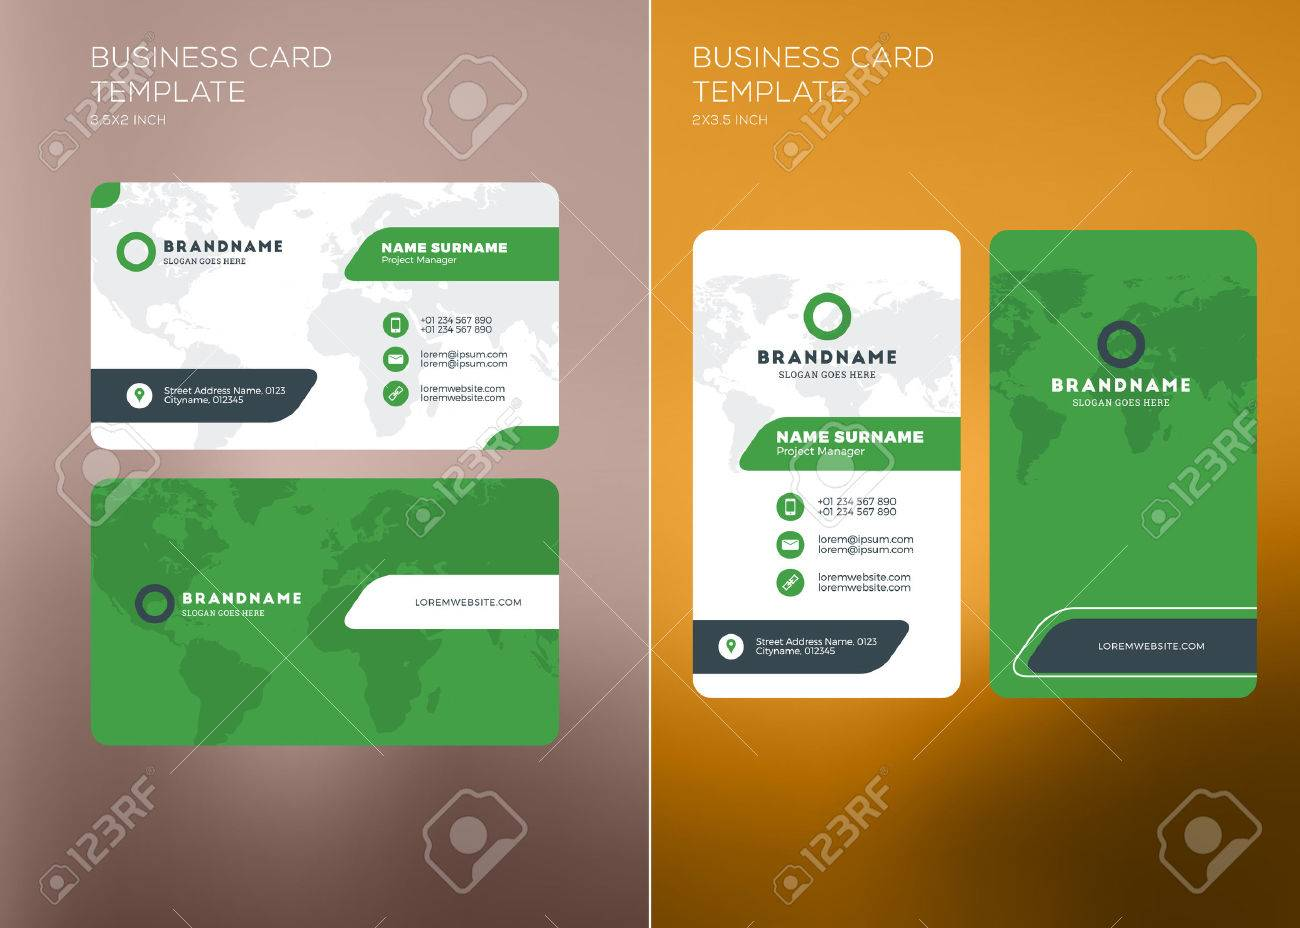 tarjeta de visita plantilla de impresin corporativa tarjeta de presentacin personal con logotipo de la compaa vertical y horizontal tarjeta de visita